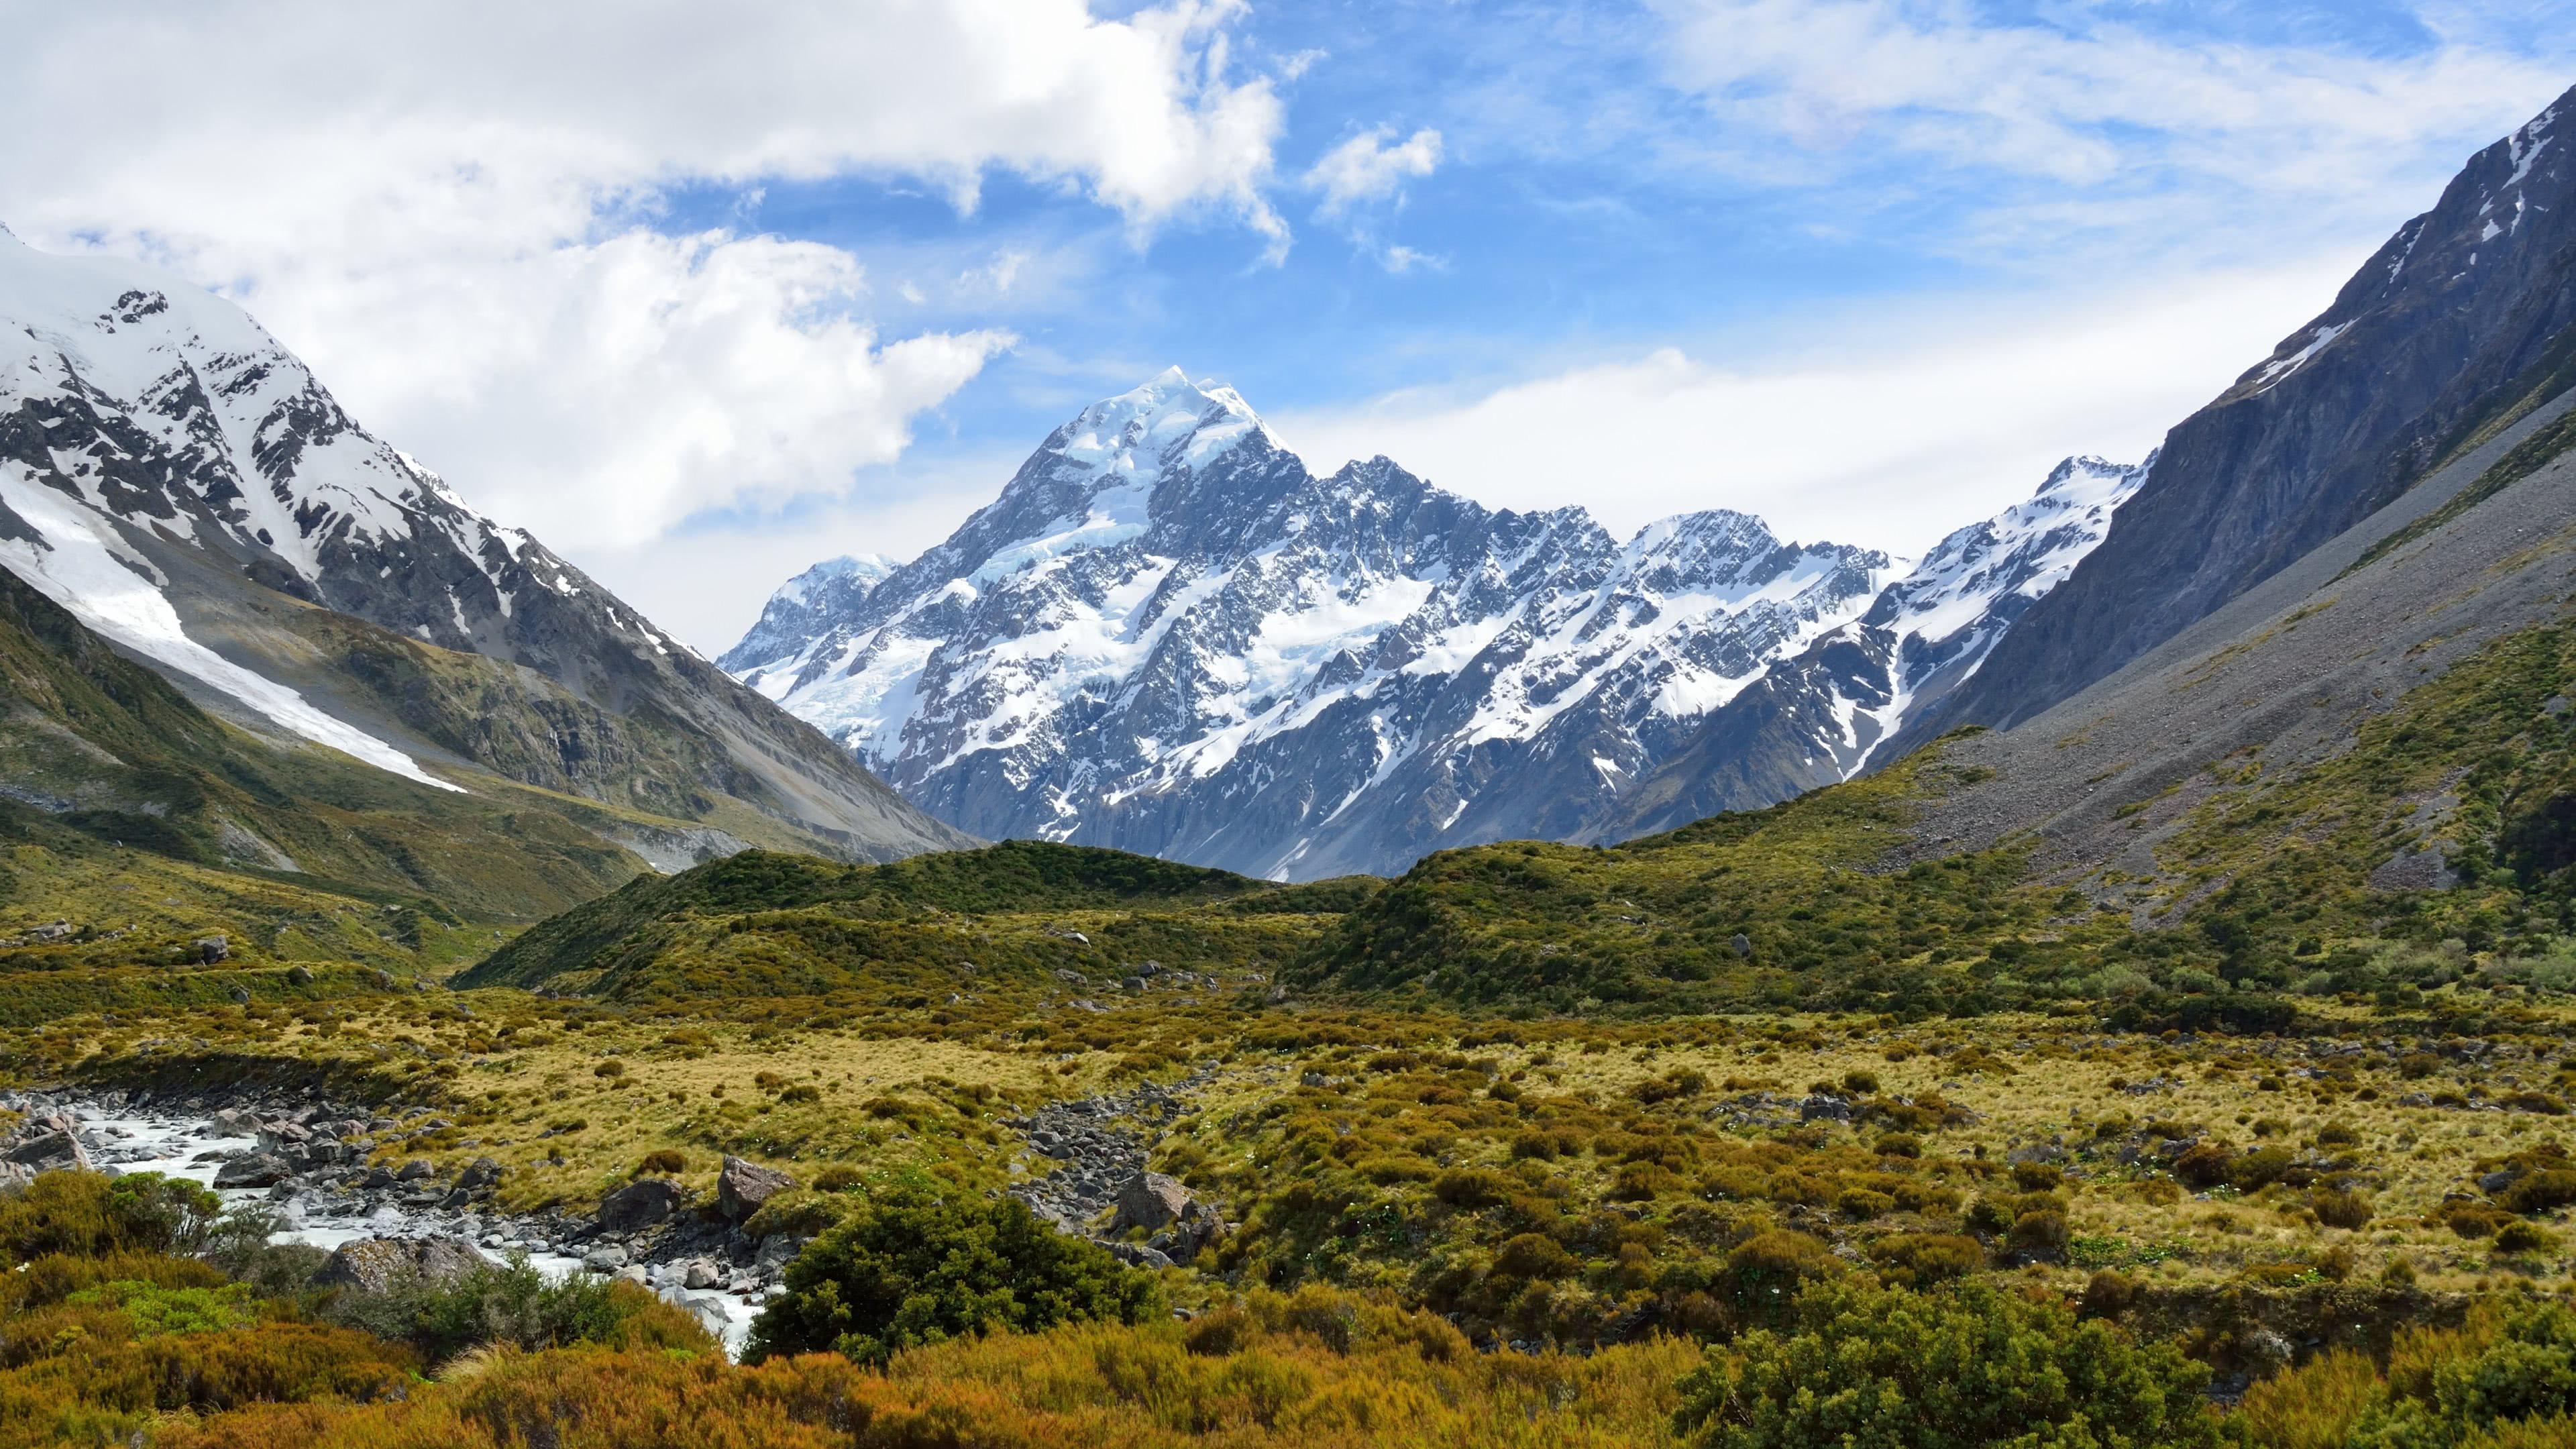 hooker glacier aoraki mount cook mackenzie region new zealand 4k wallpaper